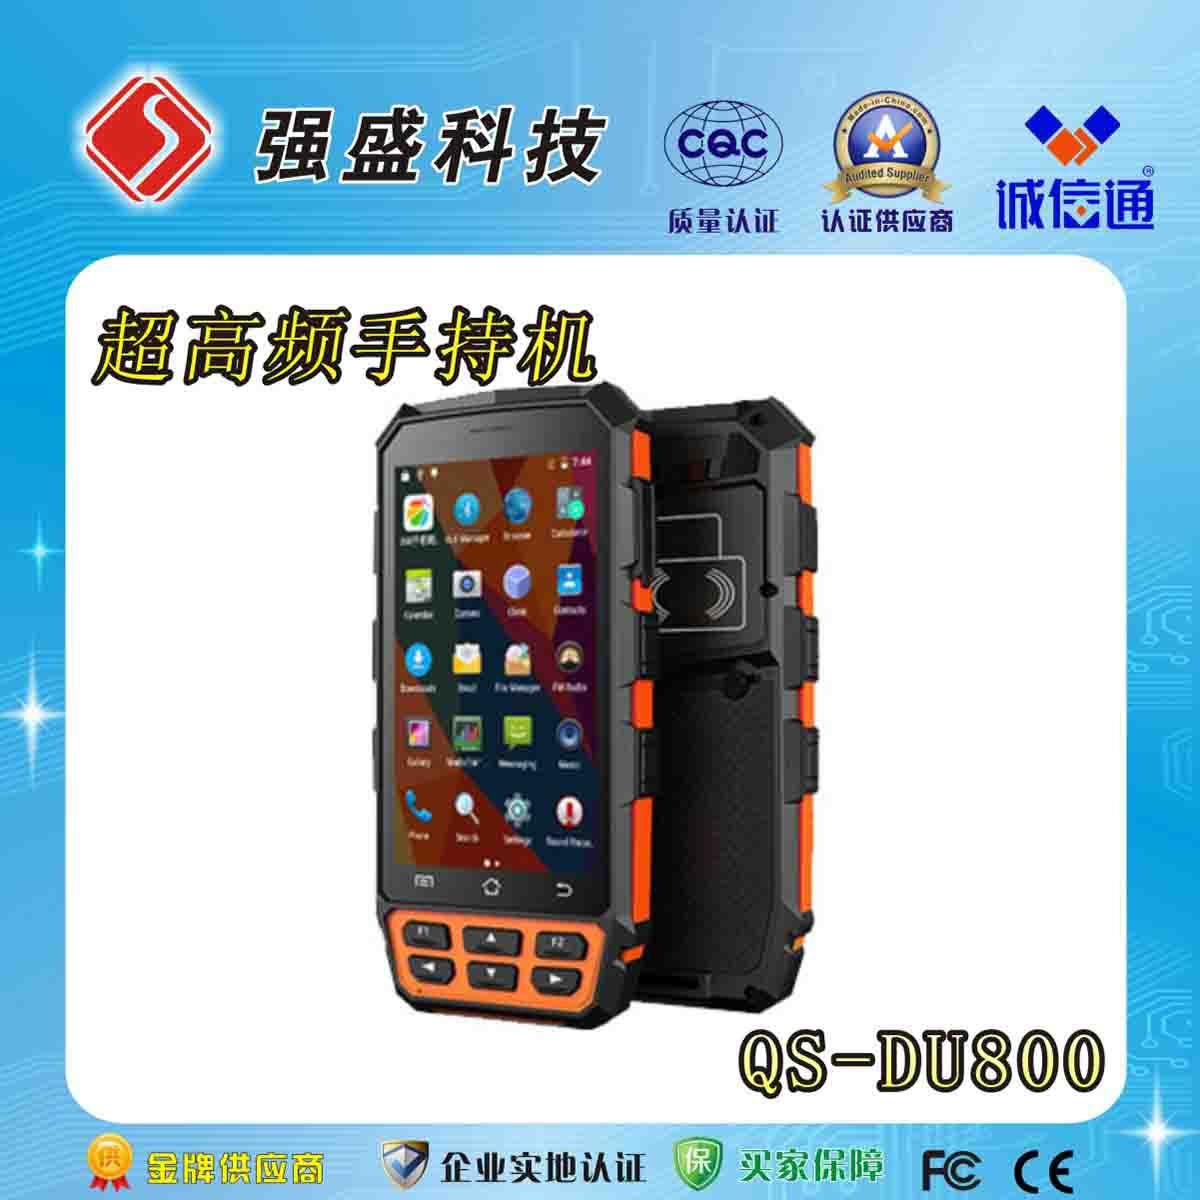 供应RFID防水远距离读写手持机QS-DU810